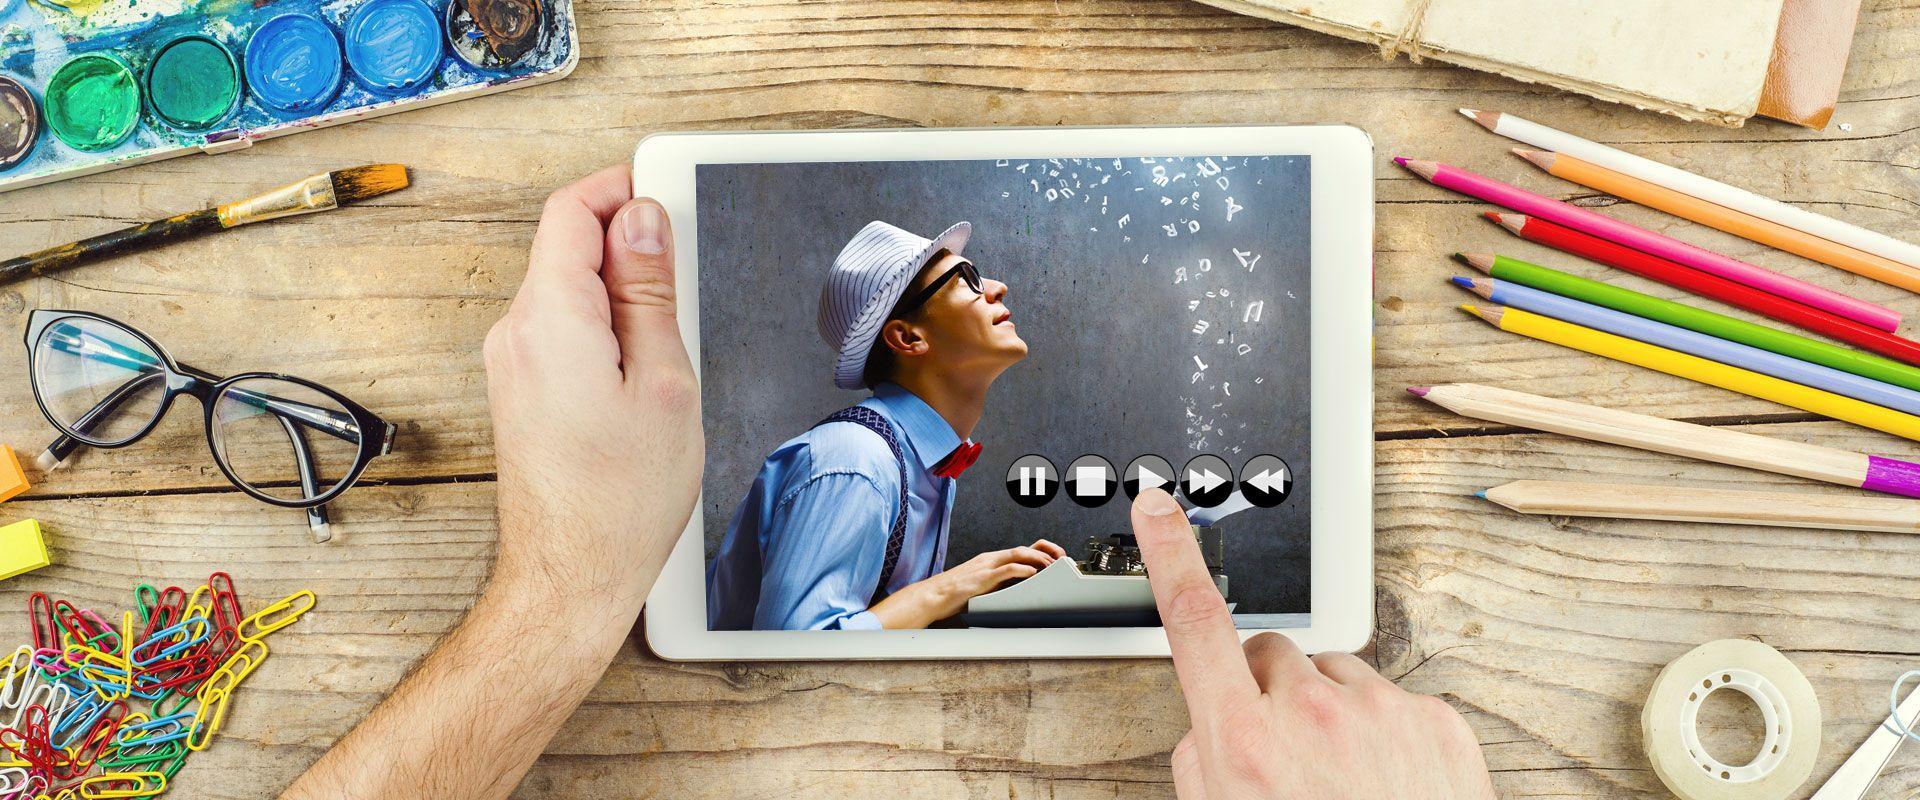 <h1>Apprenez à votre rythme grâce à nos vidéos de formation en ligne</h1><span></span>